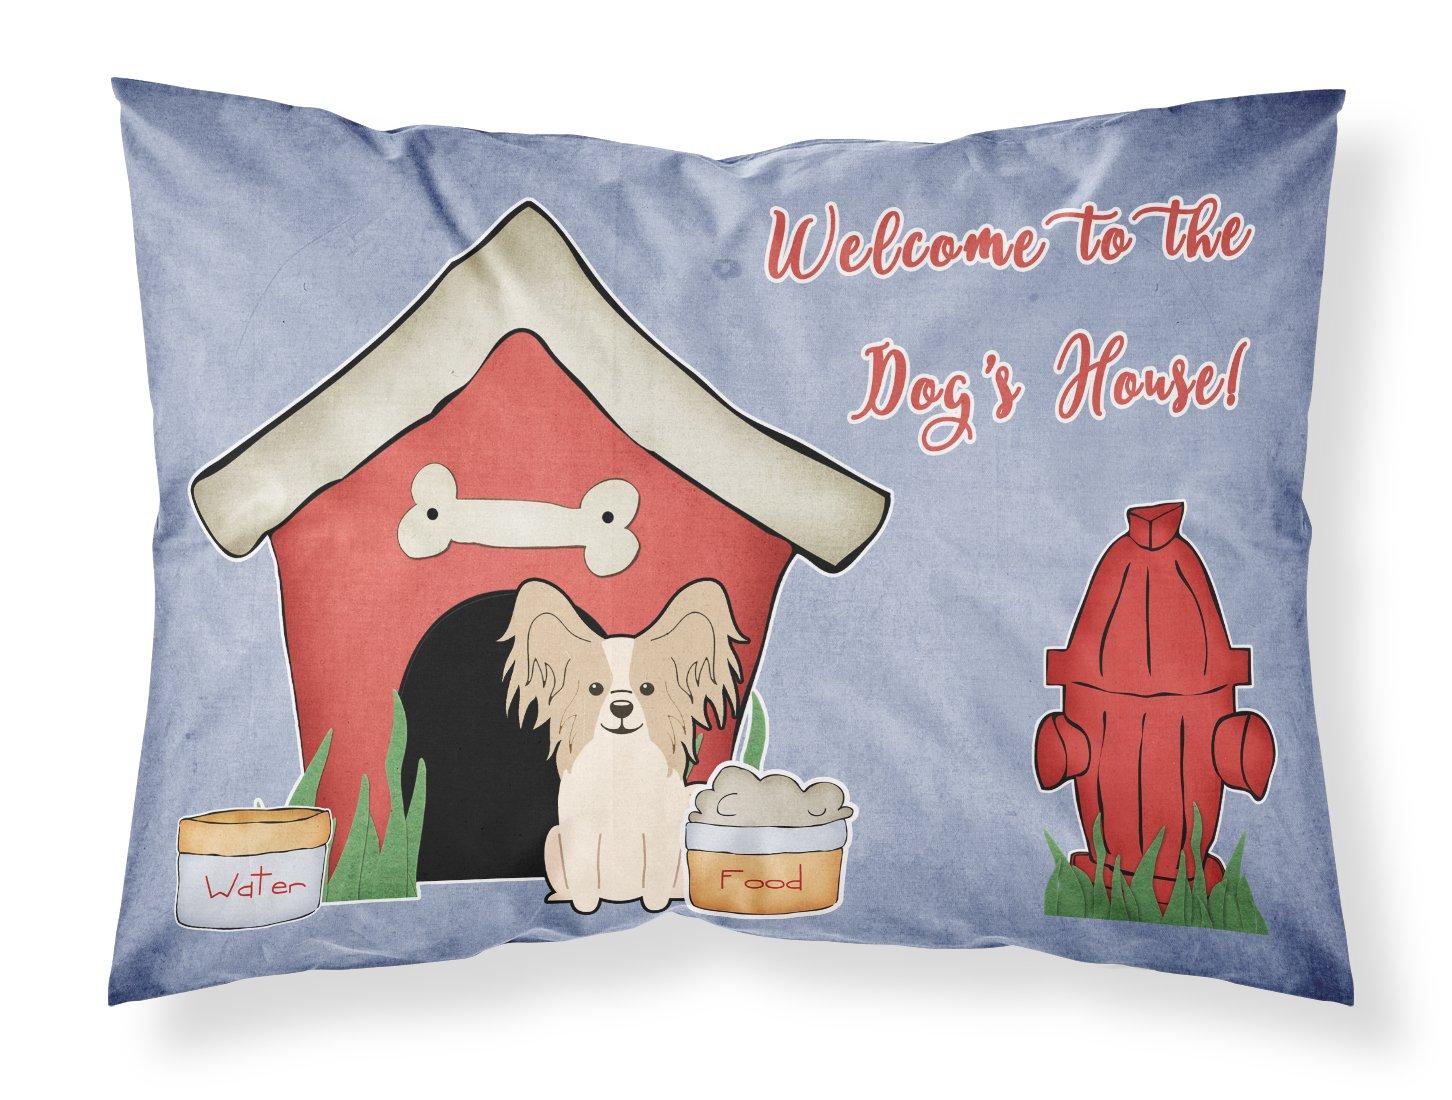 Carolines Treasures Dog House Collection Papillon Sable White Fabric Standard Pillowcase BB2831PILLOWCASE Multicolor